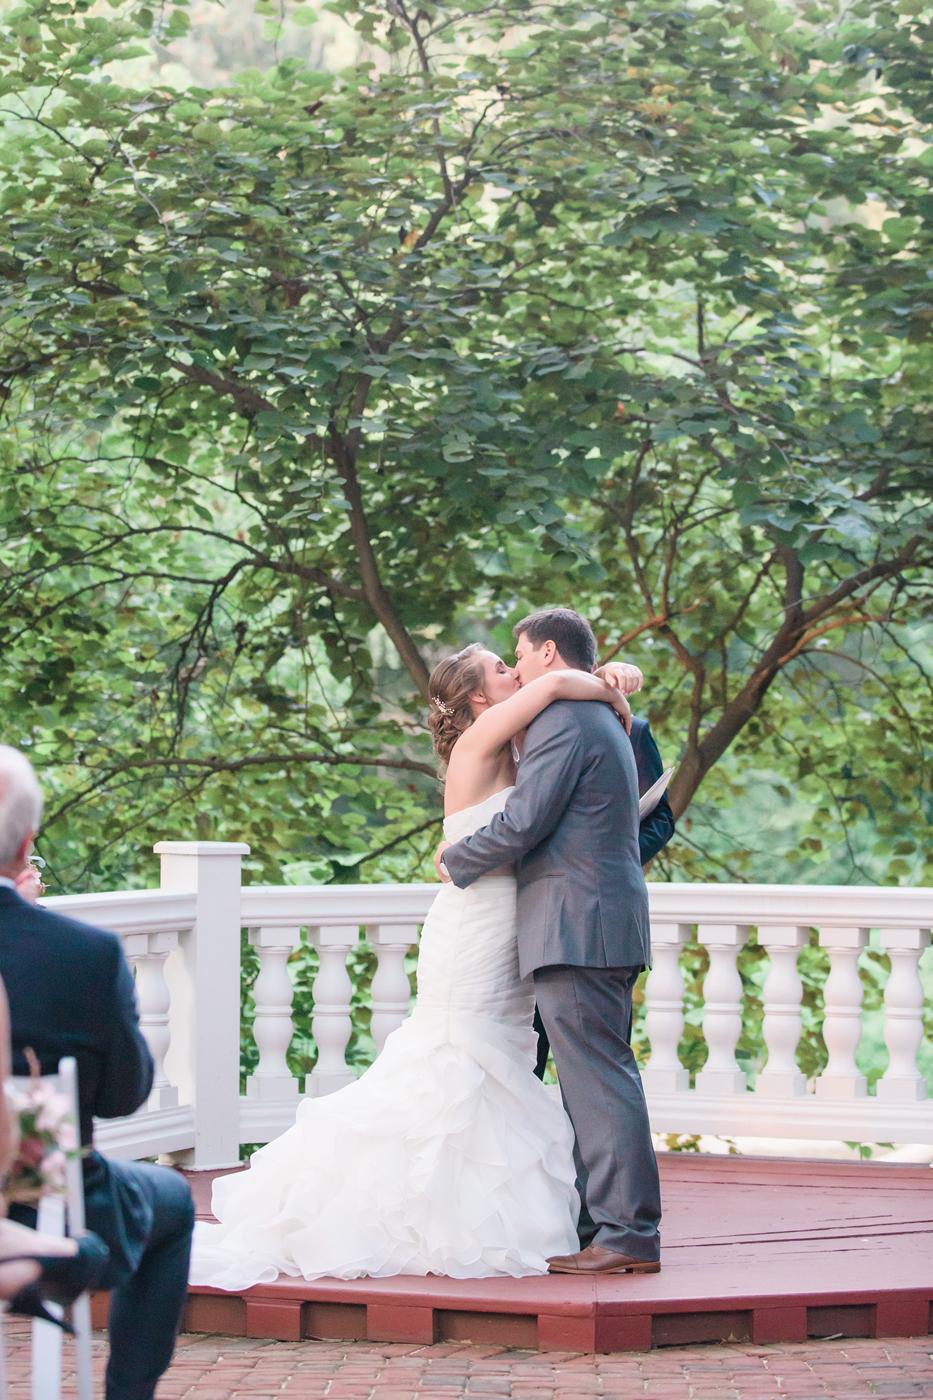 107-0489-jse-wedding-baltimore-4738